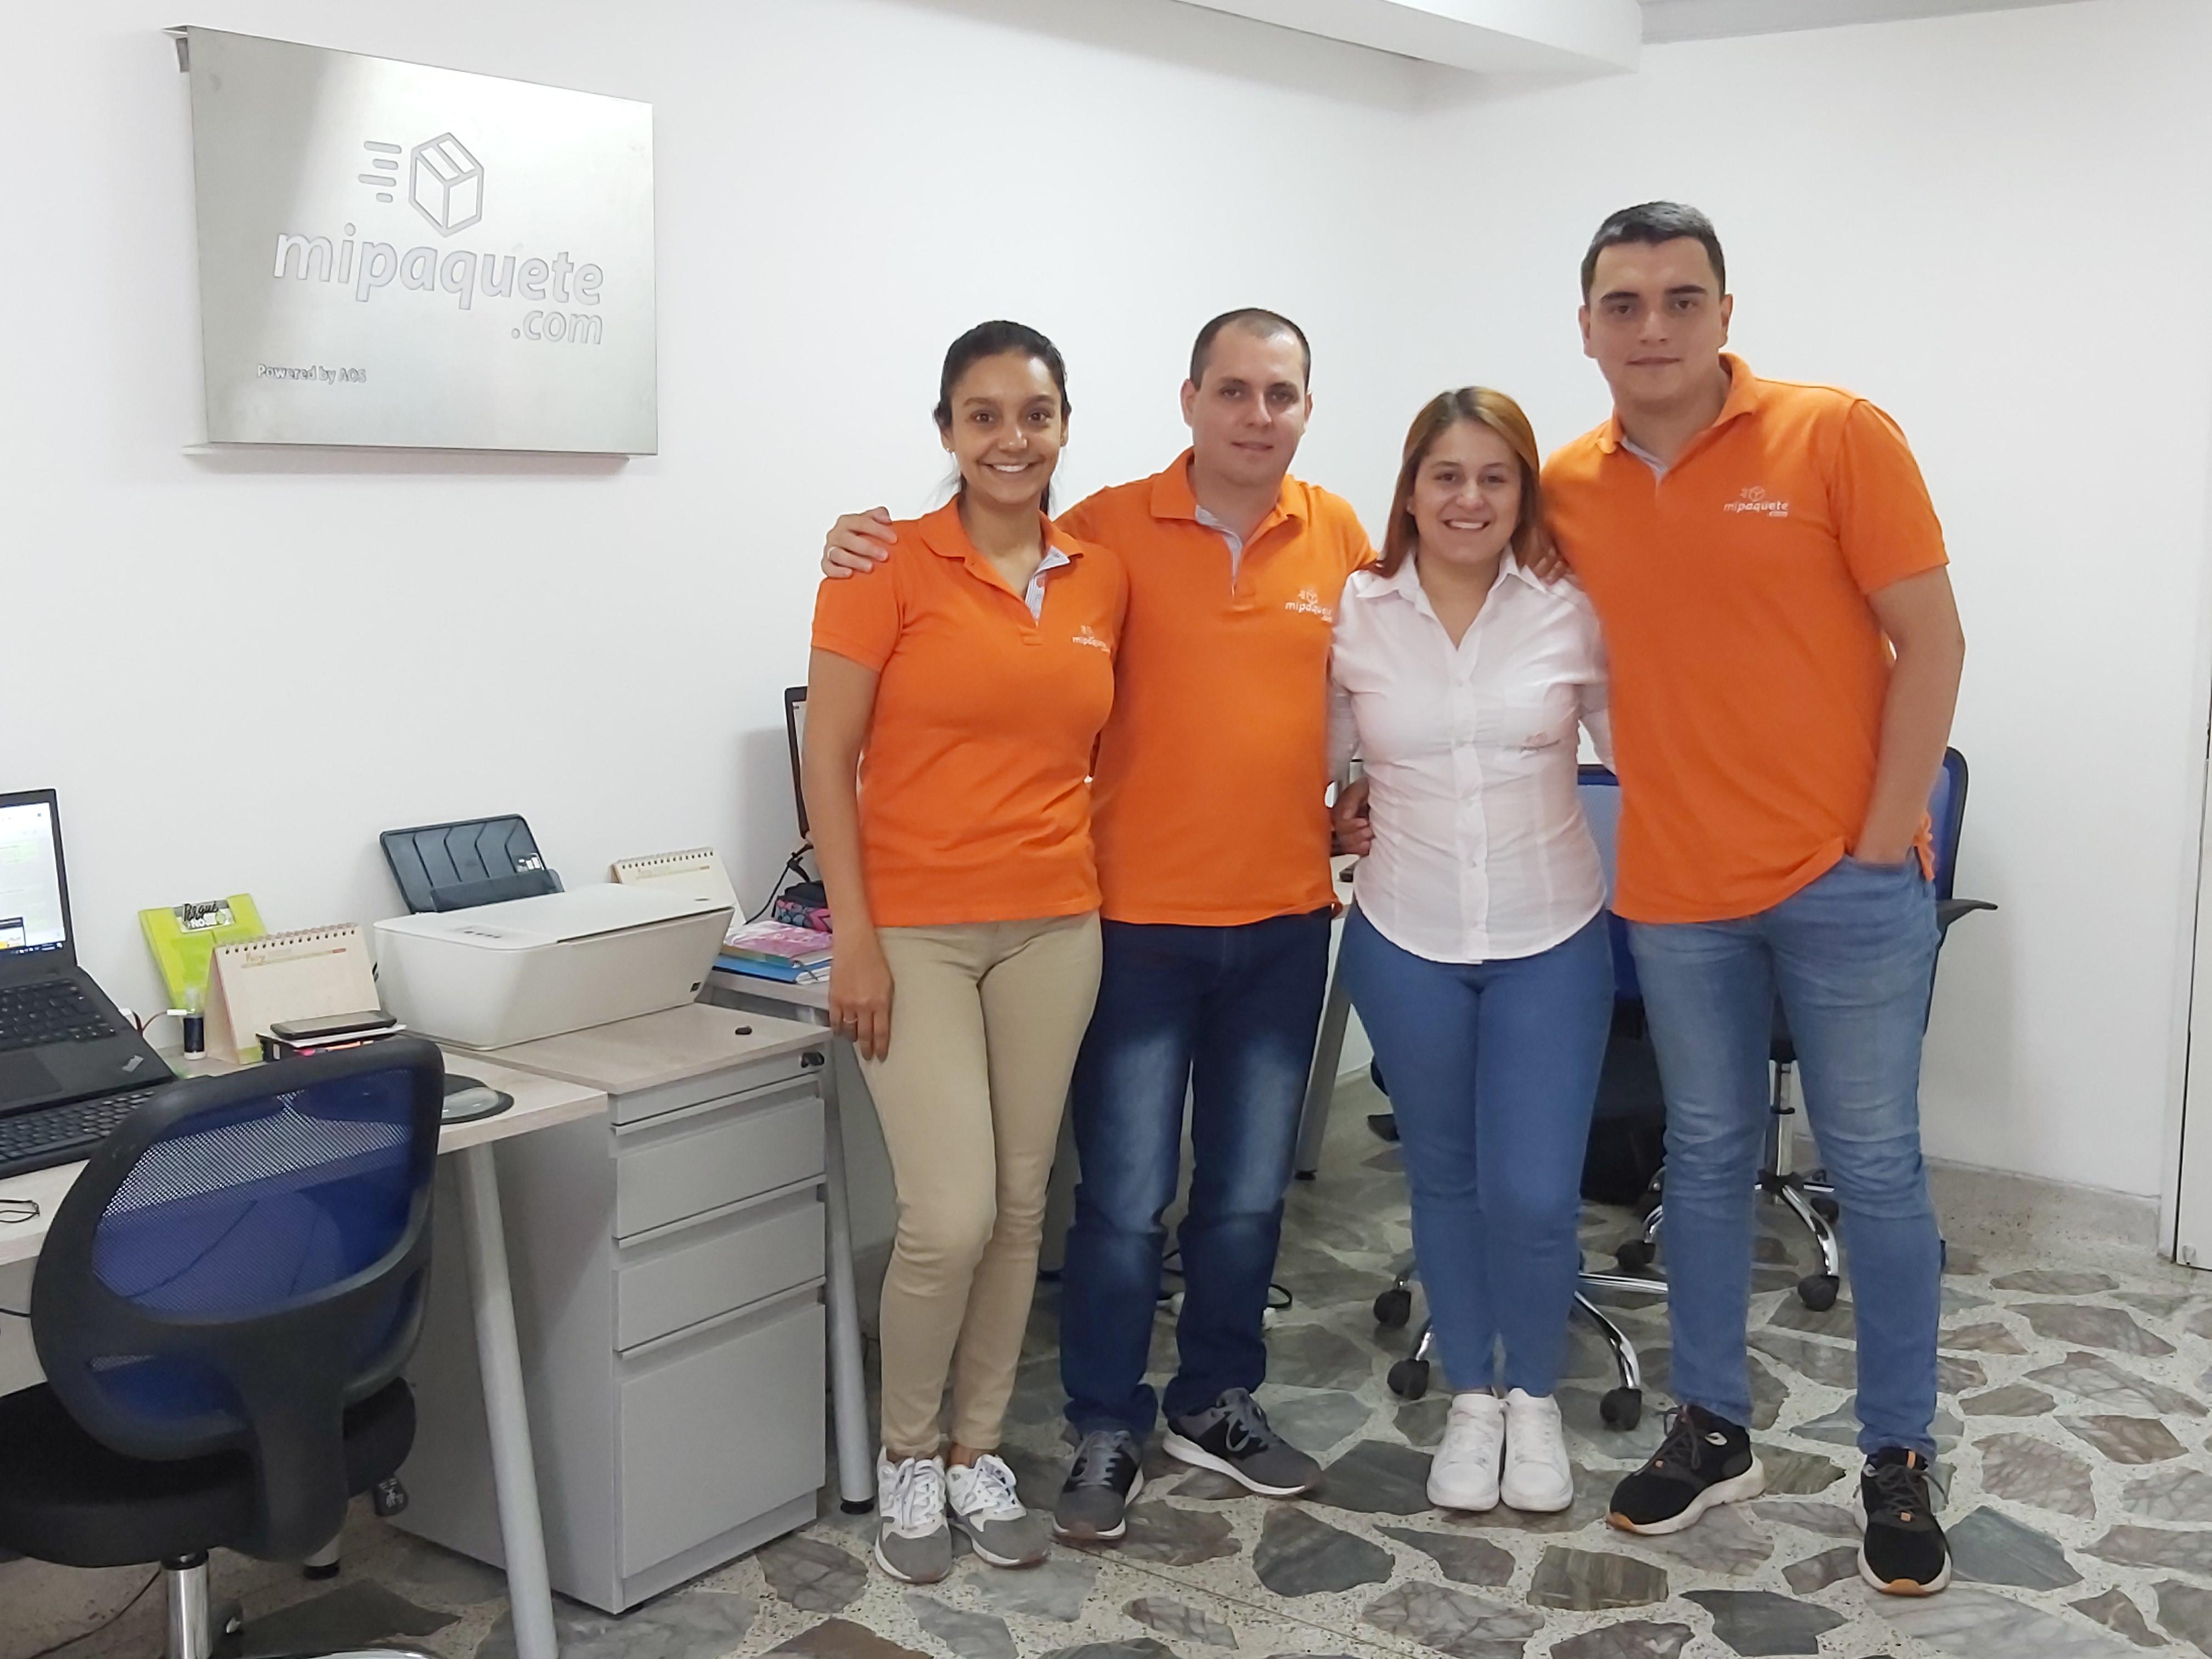 Las creaciones funcionales como la plataforma mipaquete.com, están generando empleos y le aportaron a la economía colombiana COP$5.3 billones durante le primer año de gobierno del presidente Iván Duque, principal impulsor de la #EconomíaNaranja.